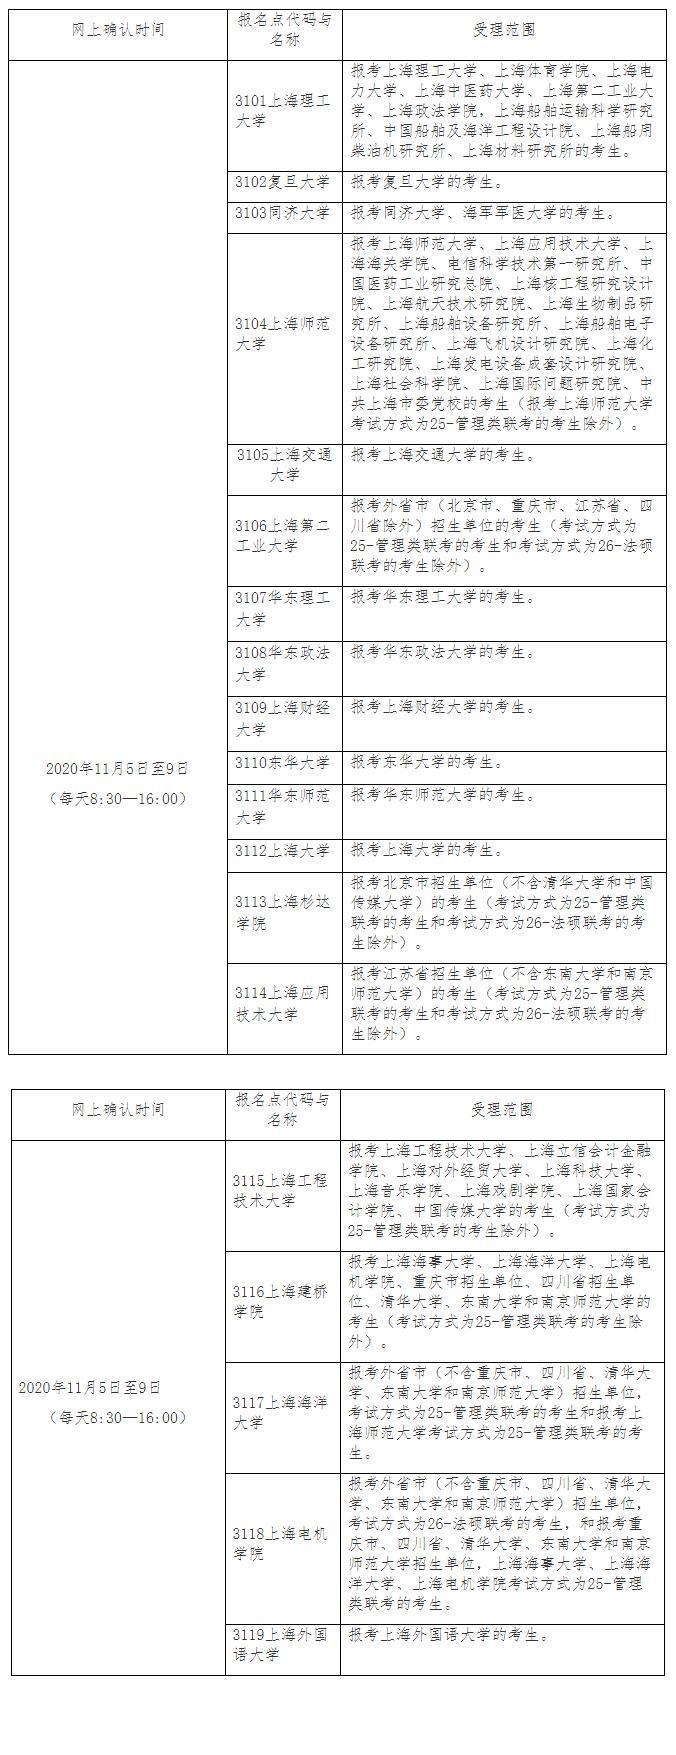 上海2021年考研报名共设置19处报考点